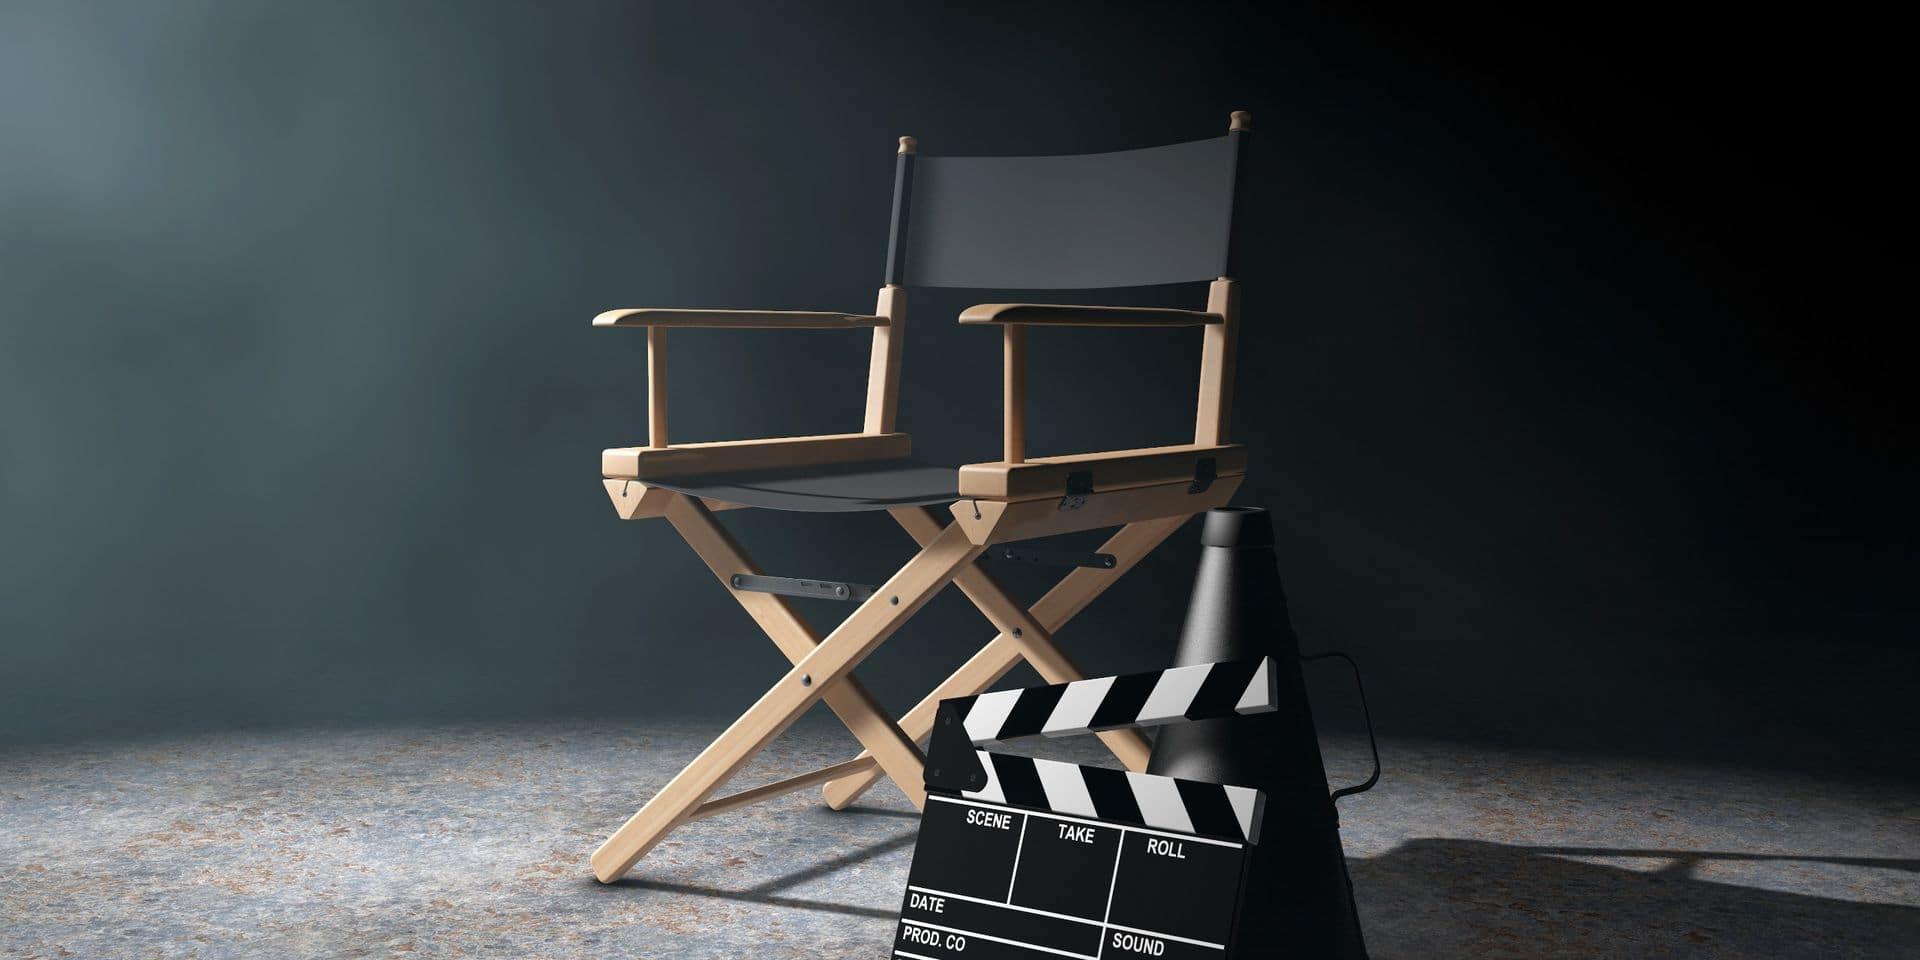 La chute mortelle et tragique du réalisateur Jean-Jacques Grand-jouan, symbole de la détresse des personnes âgées